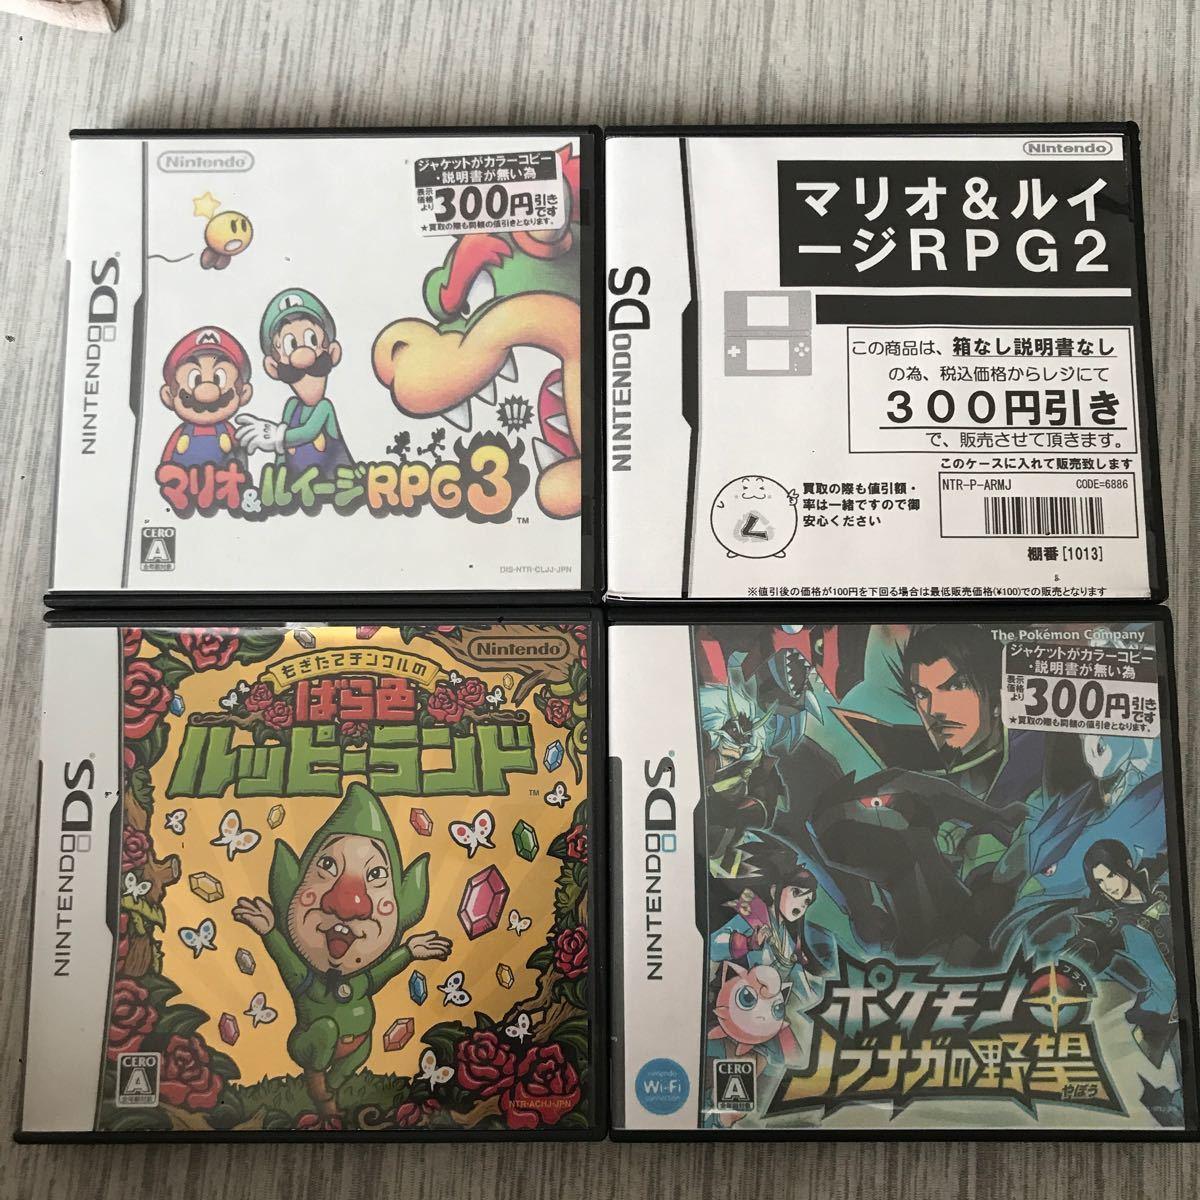 【 DS 】マリオ&ルイージRPG2、3 、もぎたてチンクルのばら色ルッピーランド、ポケモン信長の野望のセットです!